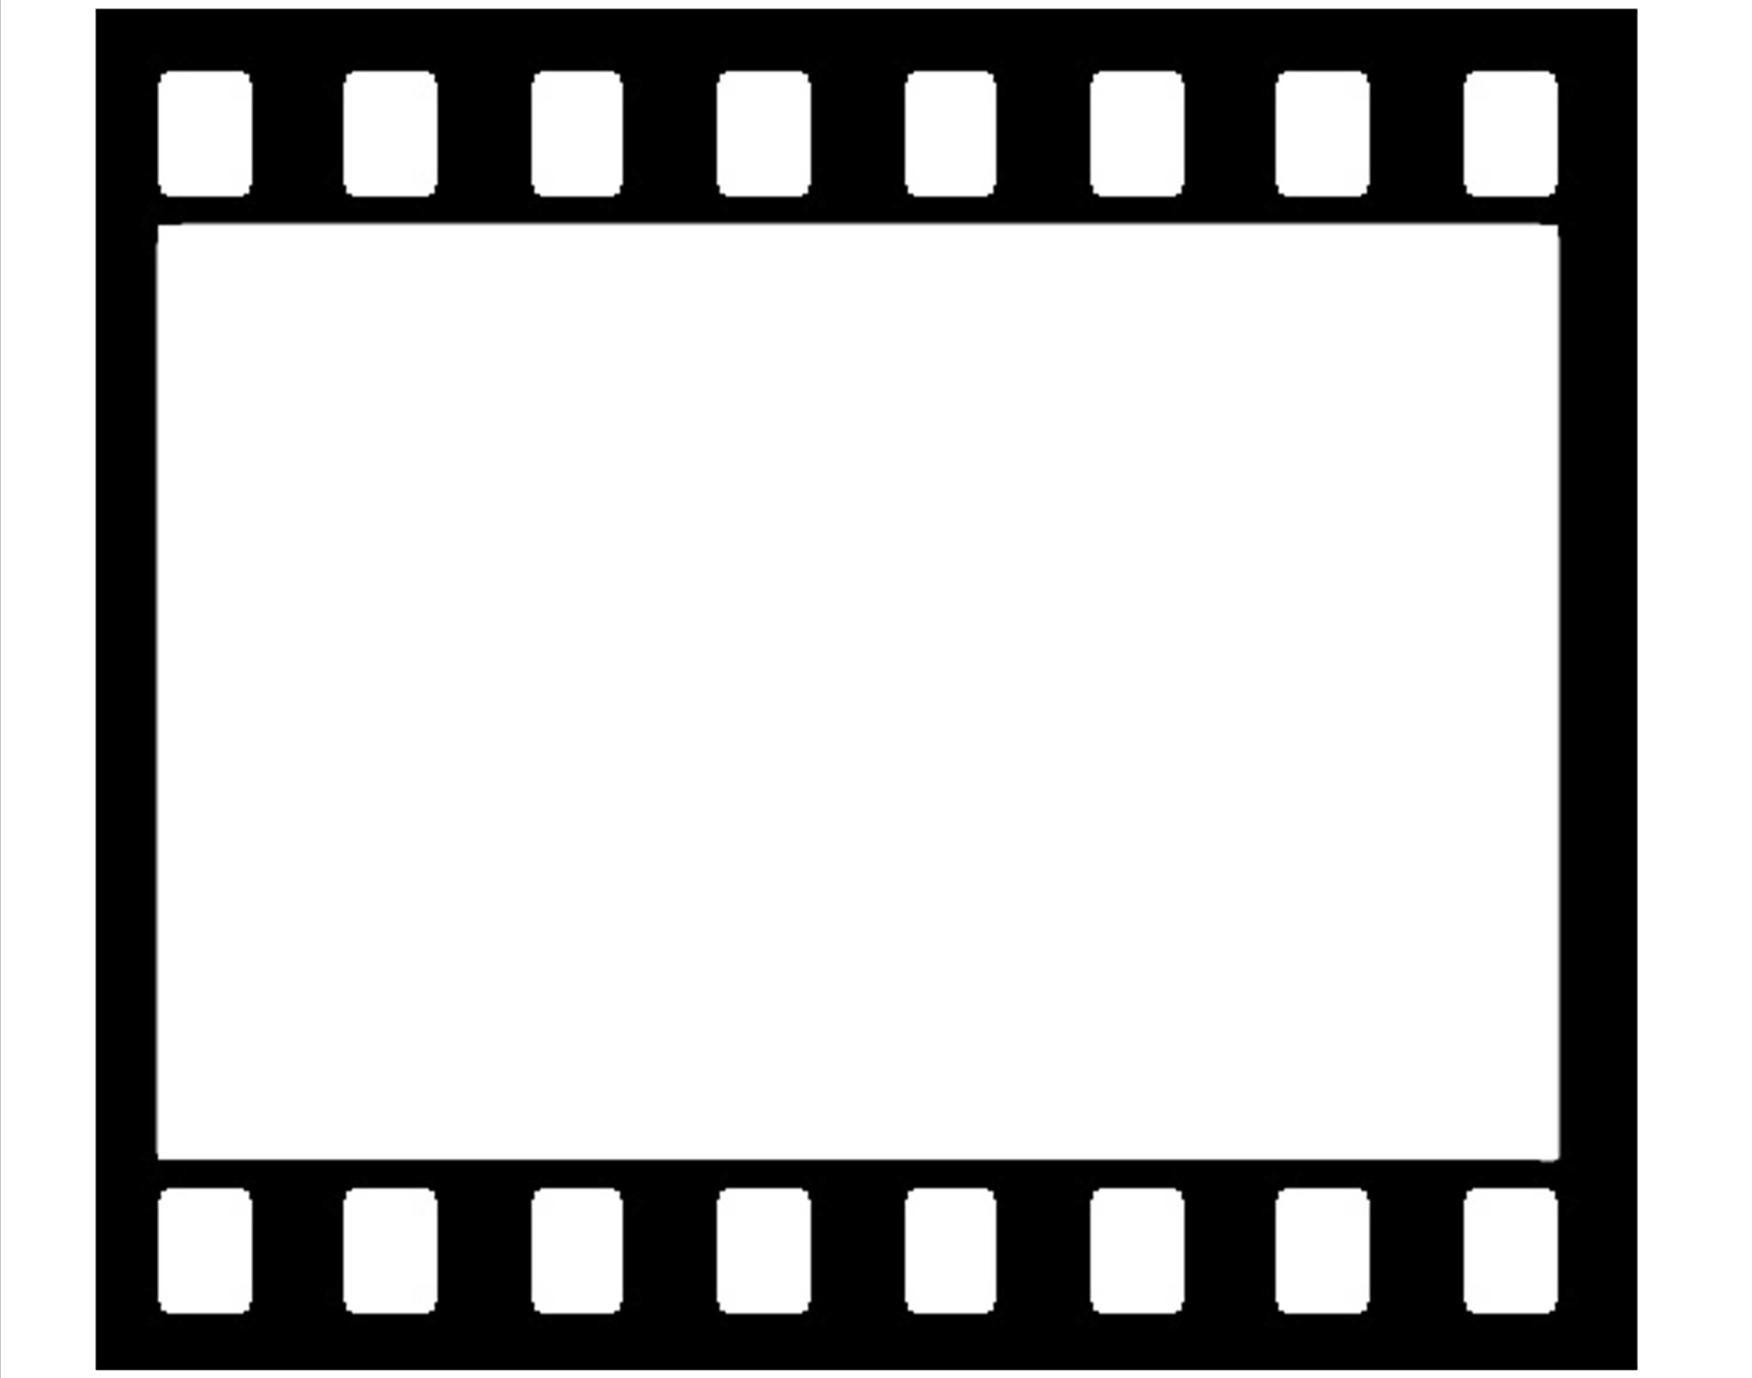 Film Strip Clipart Png Clipart Best Clipart Best Clip Art Free Clip Art Art Images